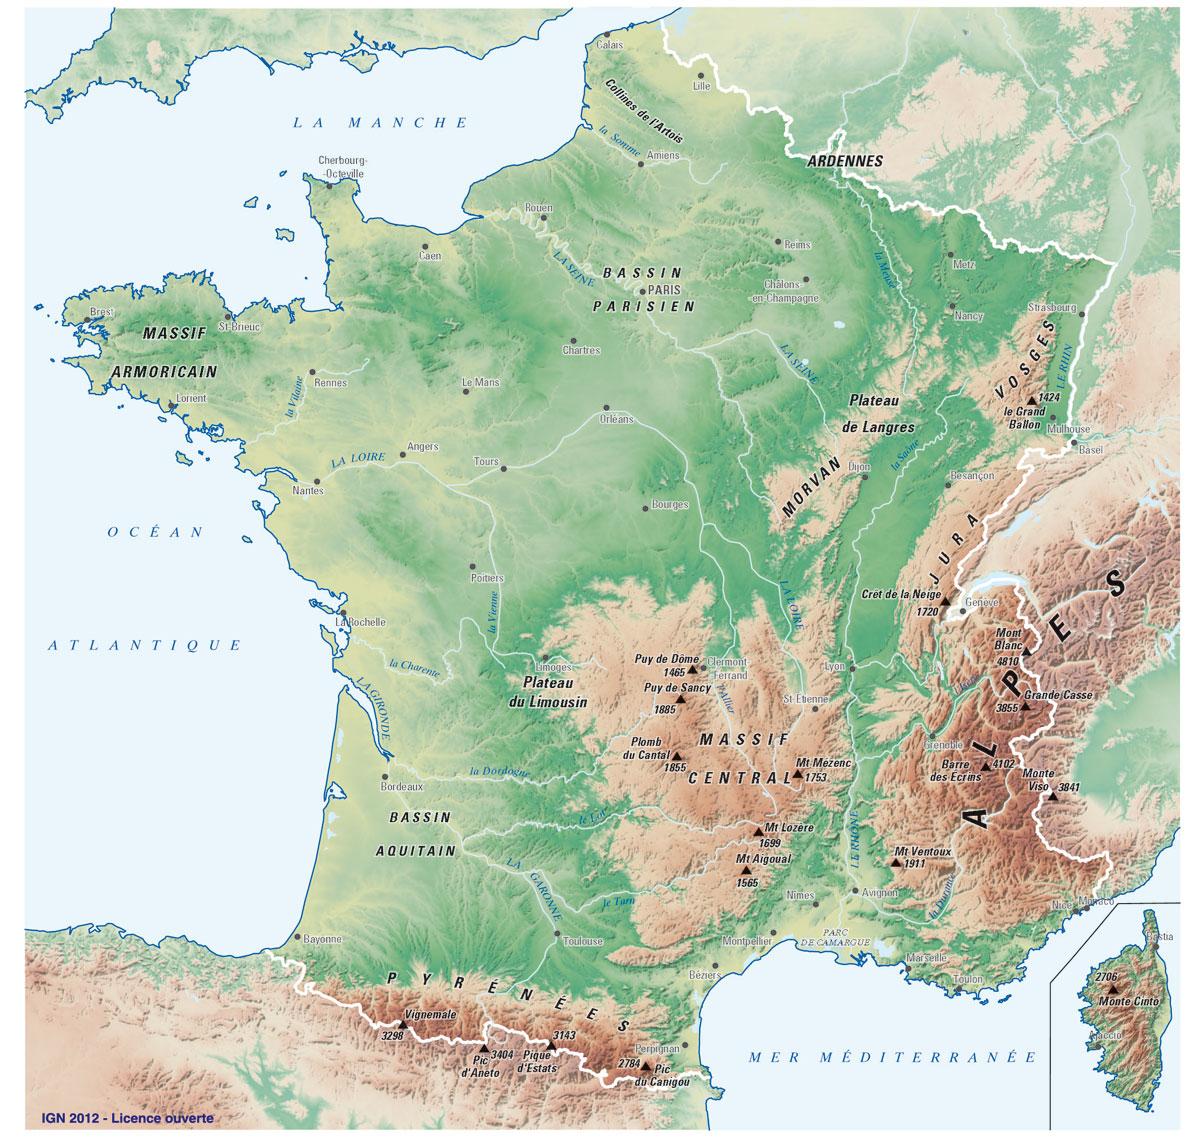 Fonds De Cartes | Éducation dedans Carte De France Pour Les Enfants